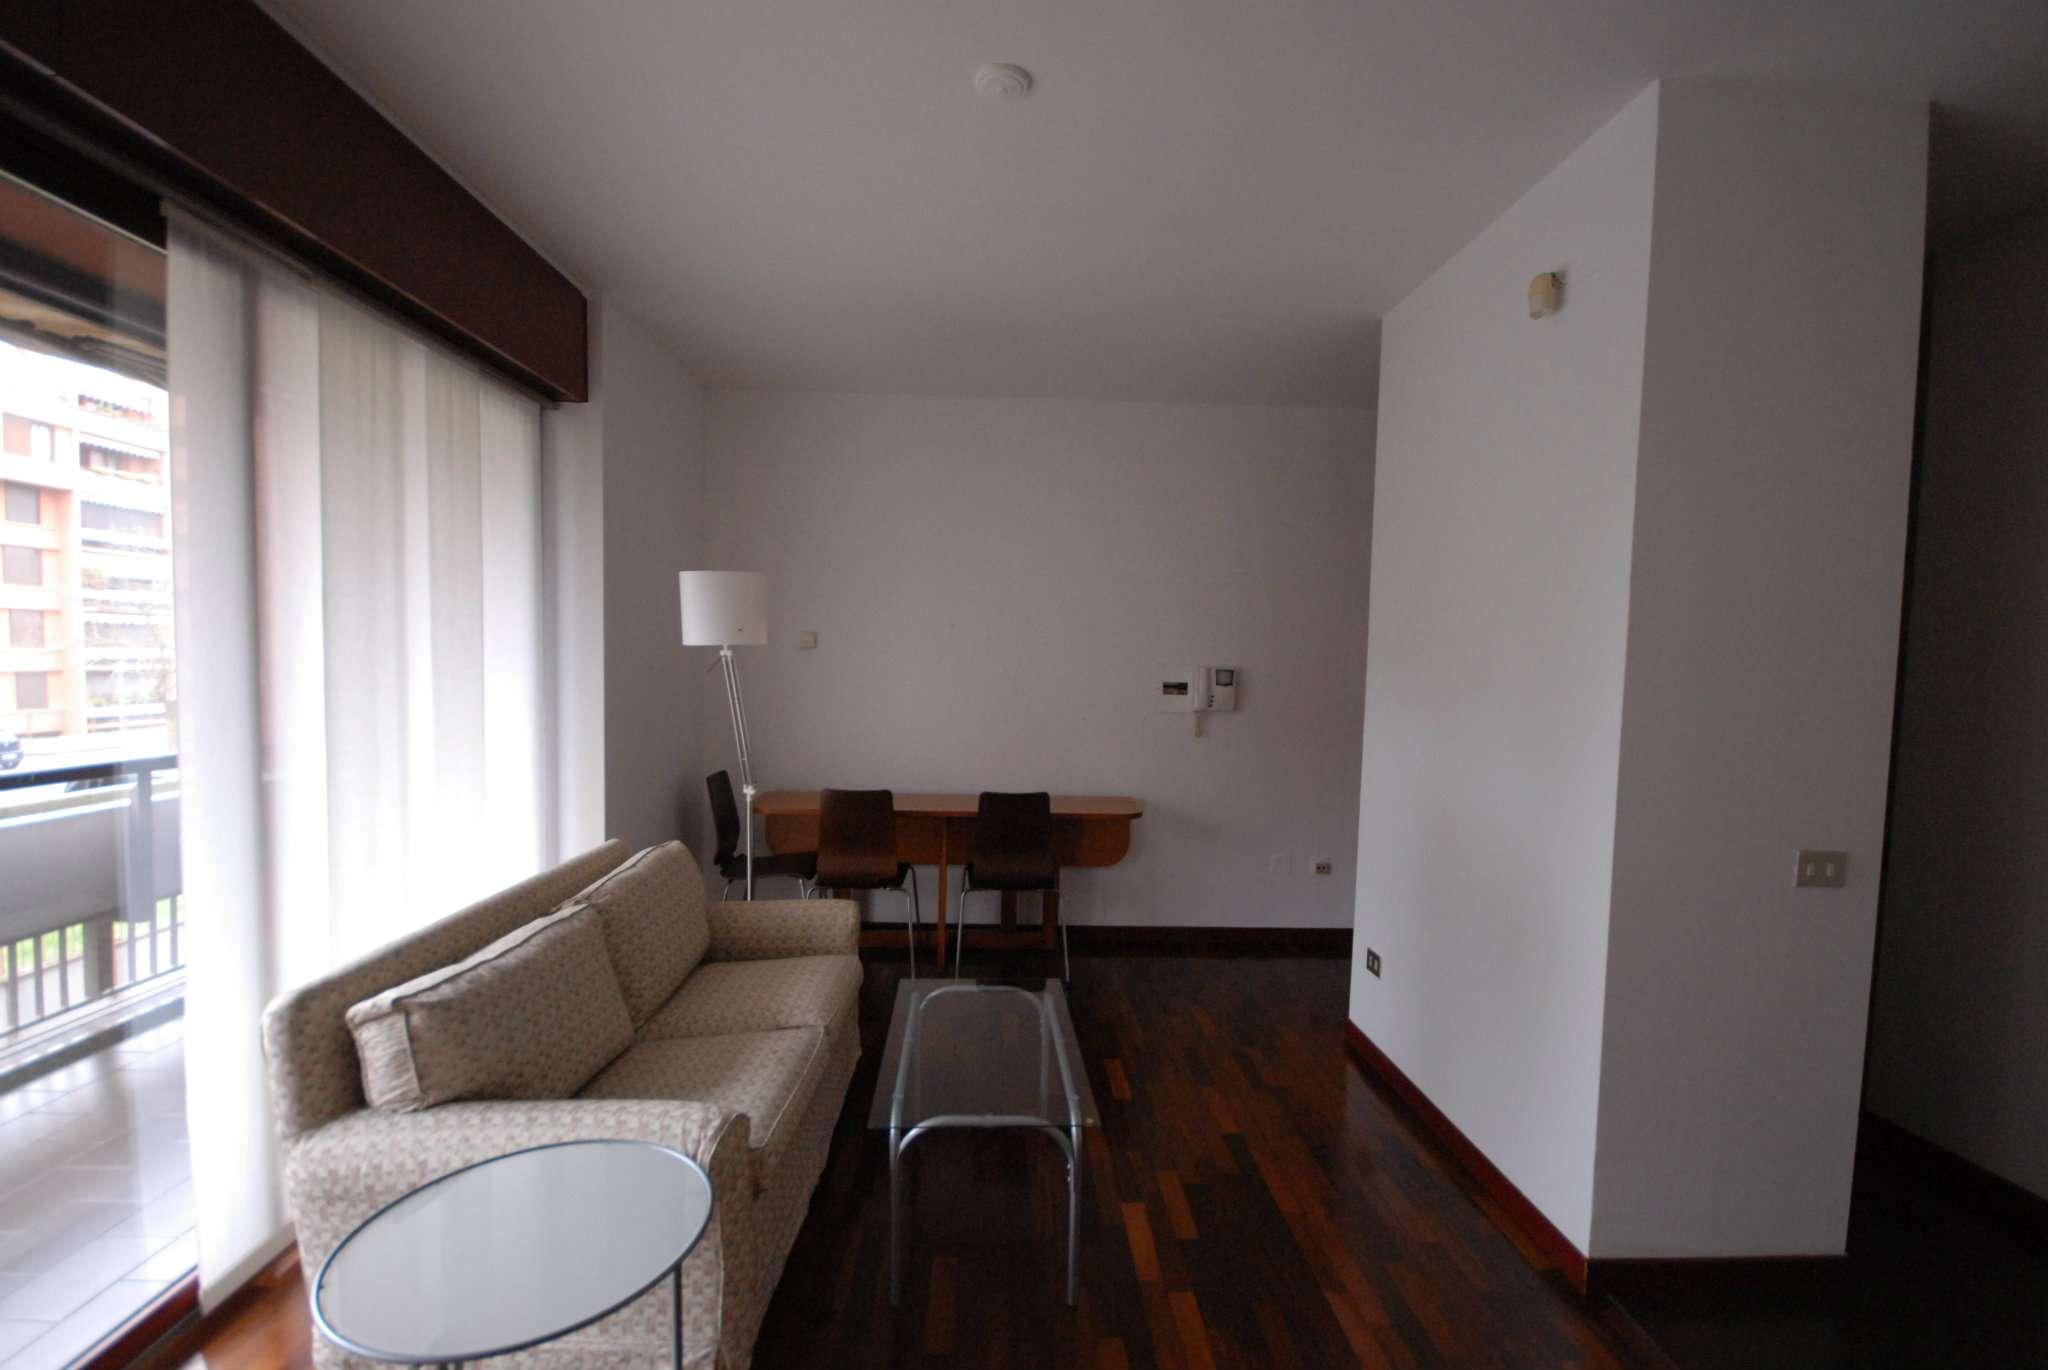 Appartamento in affitto a Basiglio, 2 locali, prezzo € 700 | CambioCasa.it